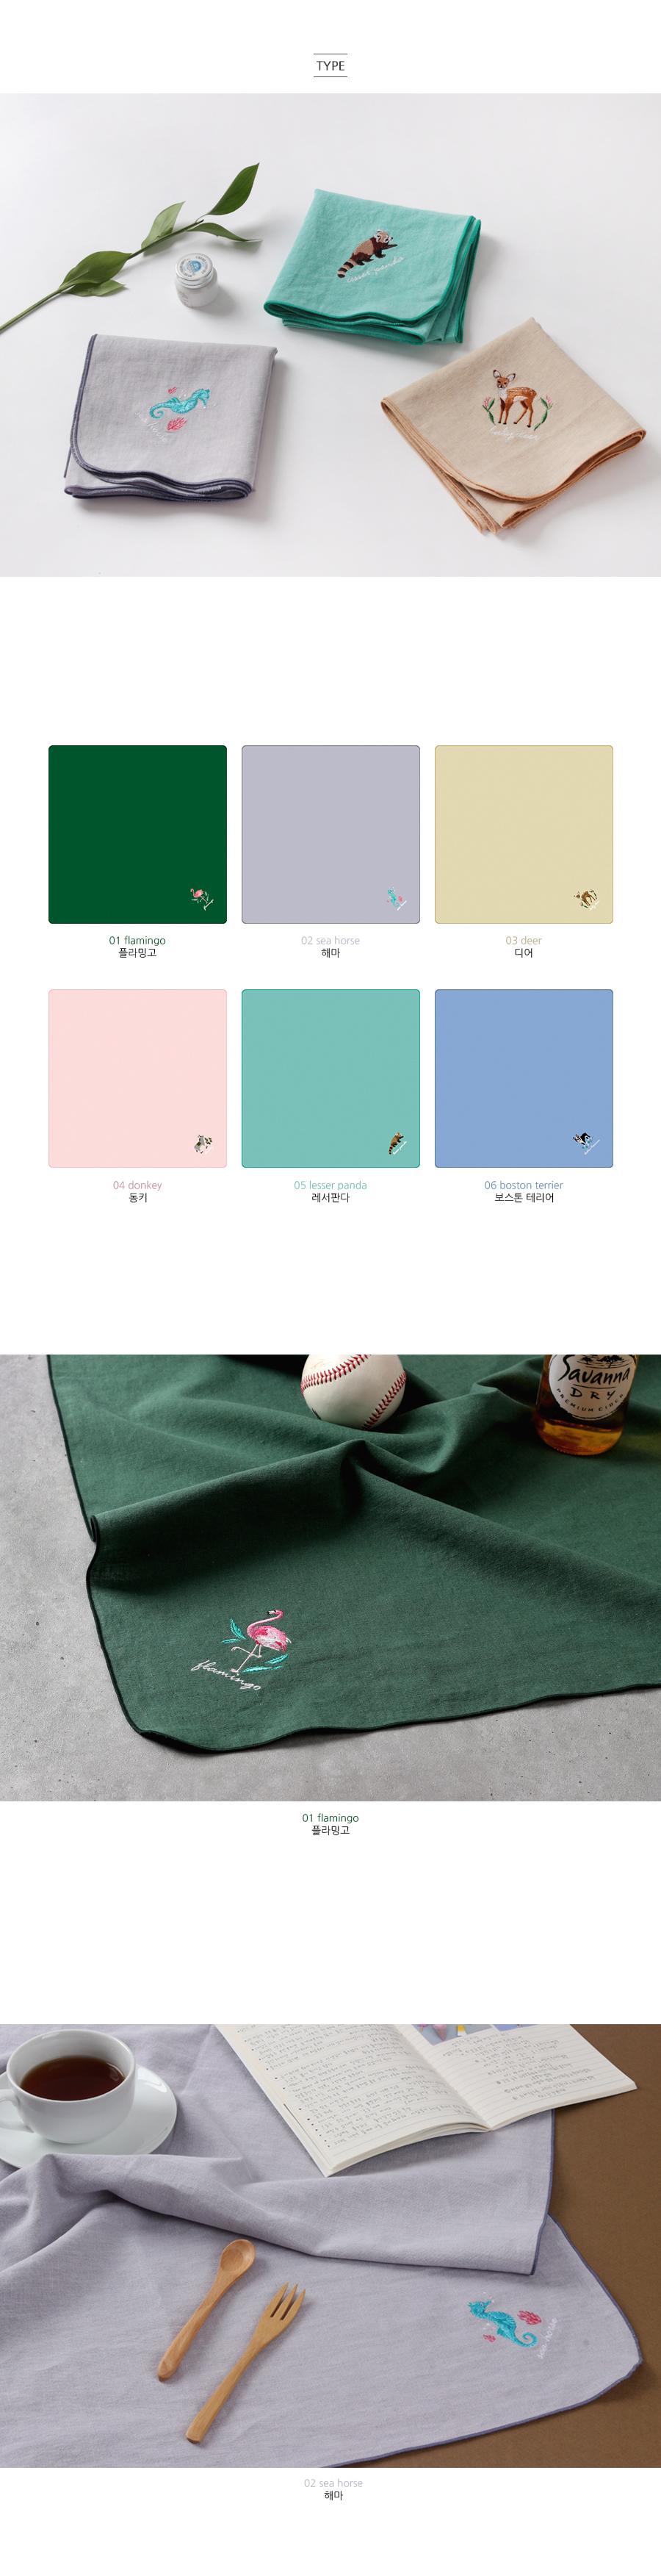 테일러버드 파스텔 미니 블랑켓 - 워너디스, 16,000원, 담요/블랑켓, 극세사 블랑켓